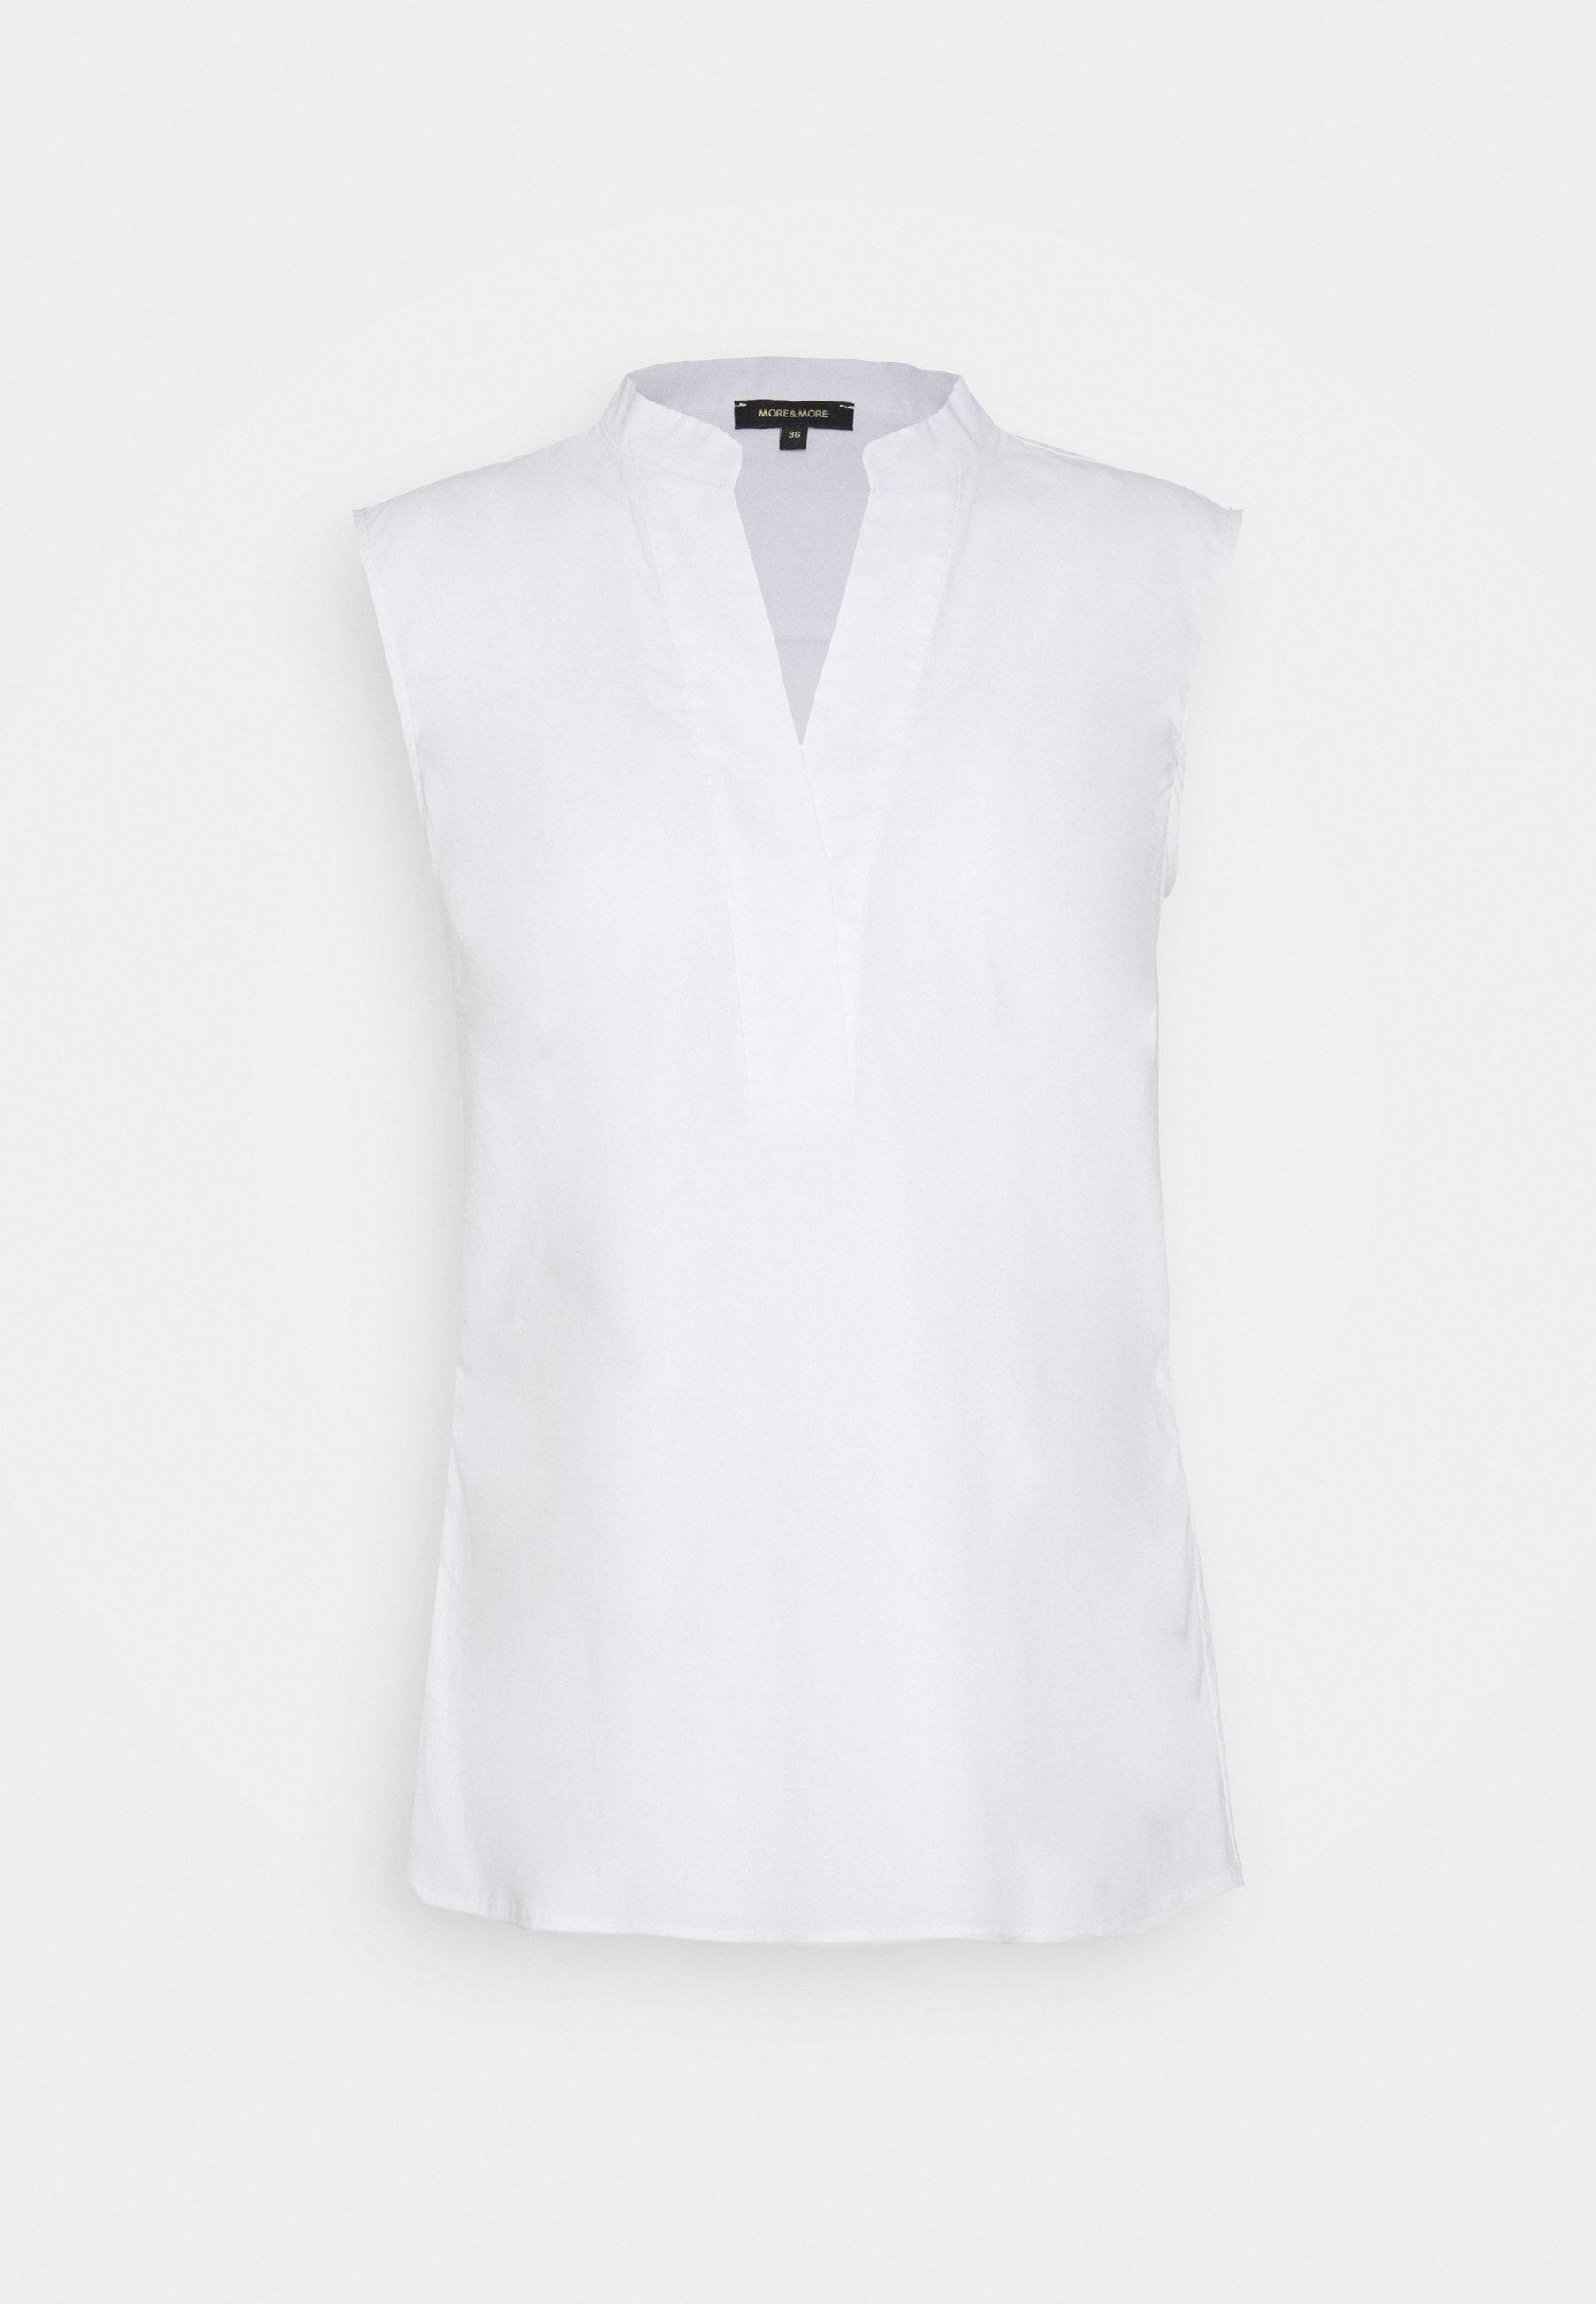 More & Business - Bluser White/hvit